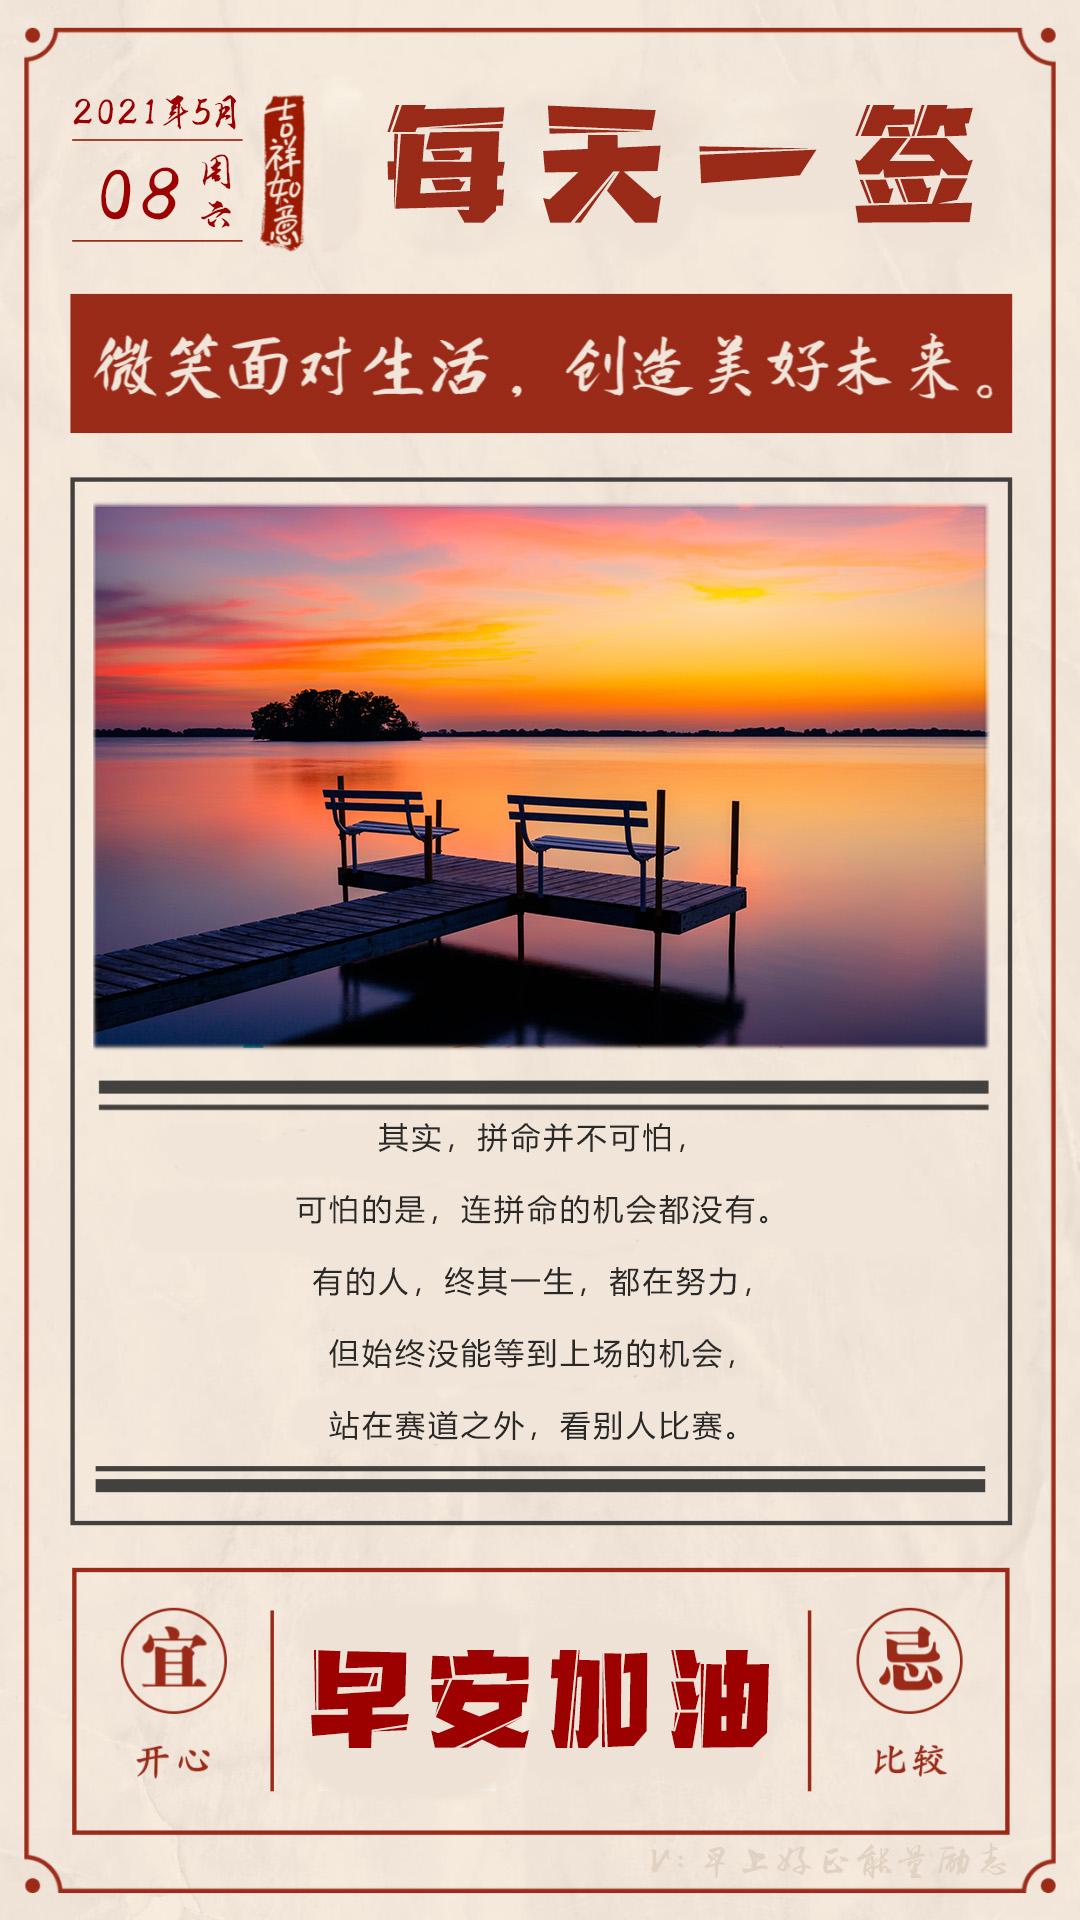 阳光精选励志早安句子带图片,自信满满,奋斗开启新一天